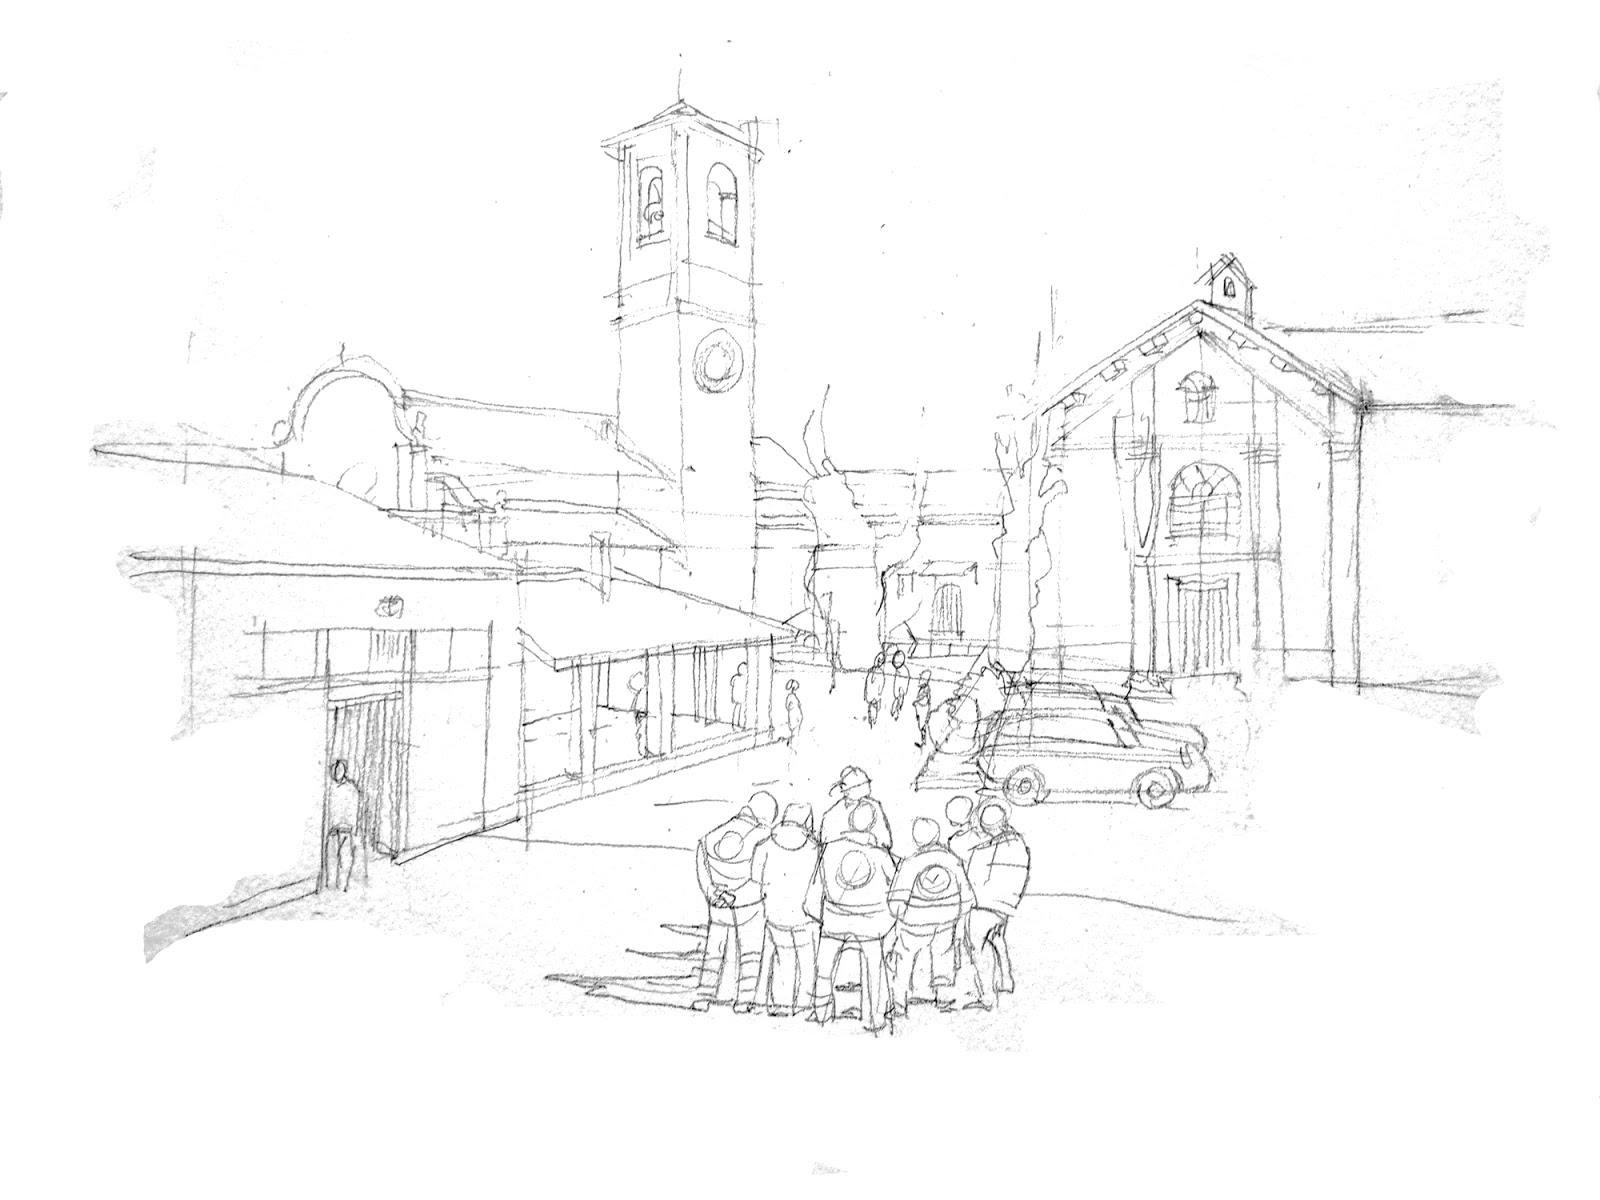 Provincia di Savona - Giusvalla _ piazza principale